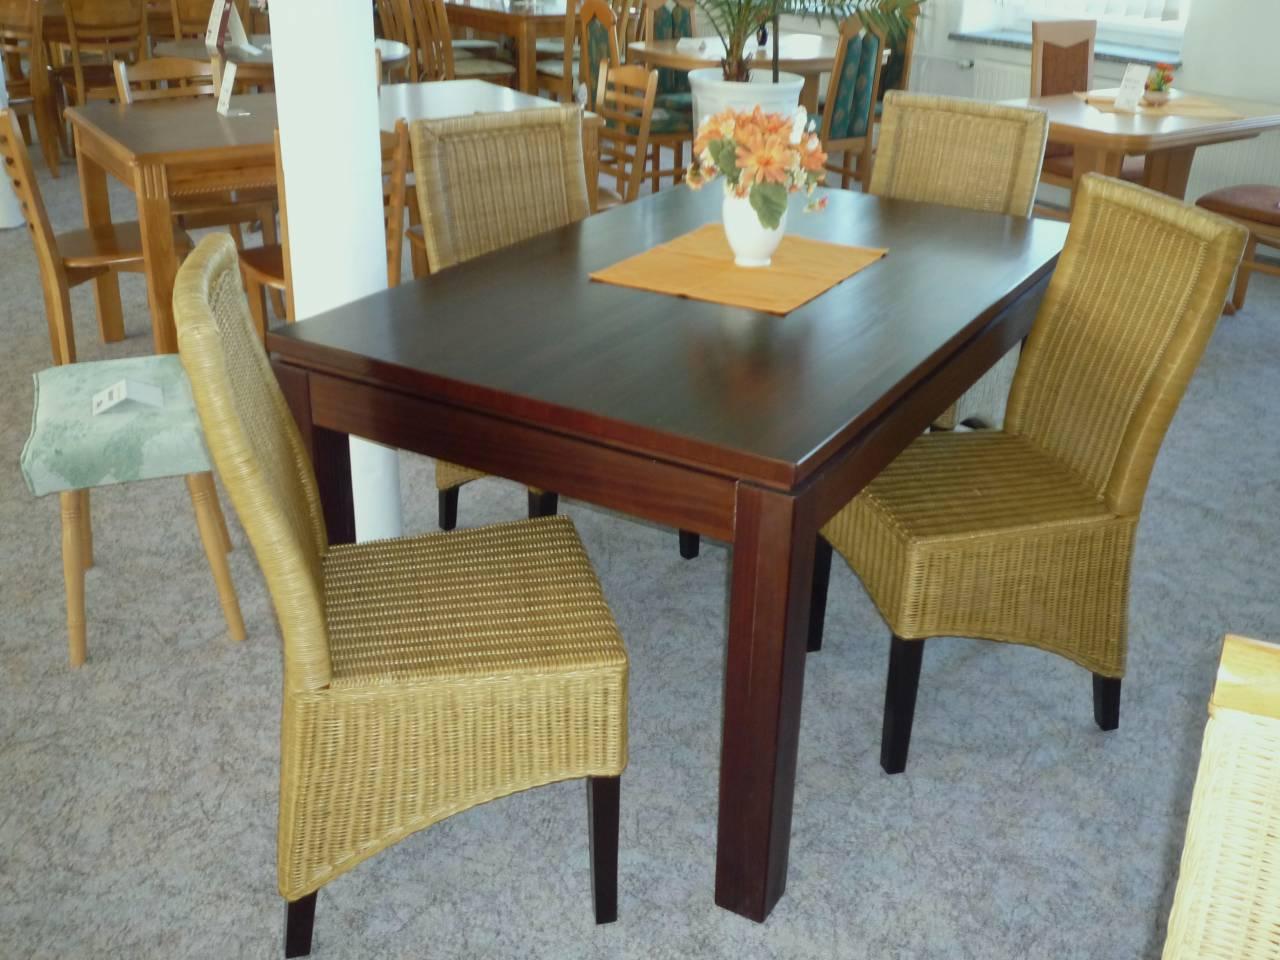 robuster esstisch interior design und m bel ideen. Black Bedroom Furniture Sets. Home Design Ideas